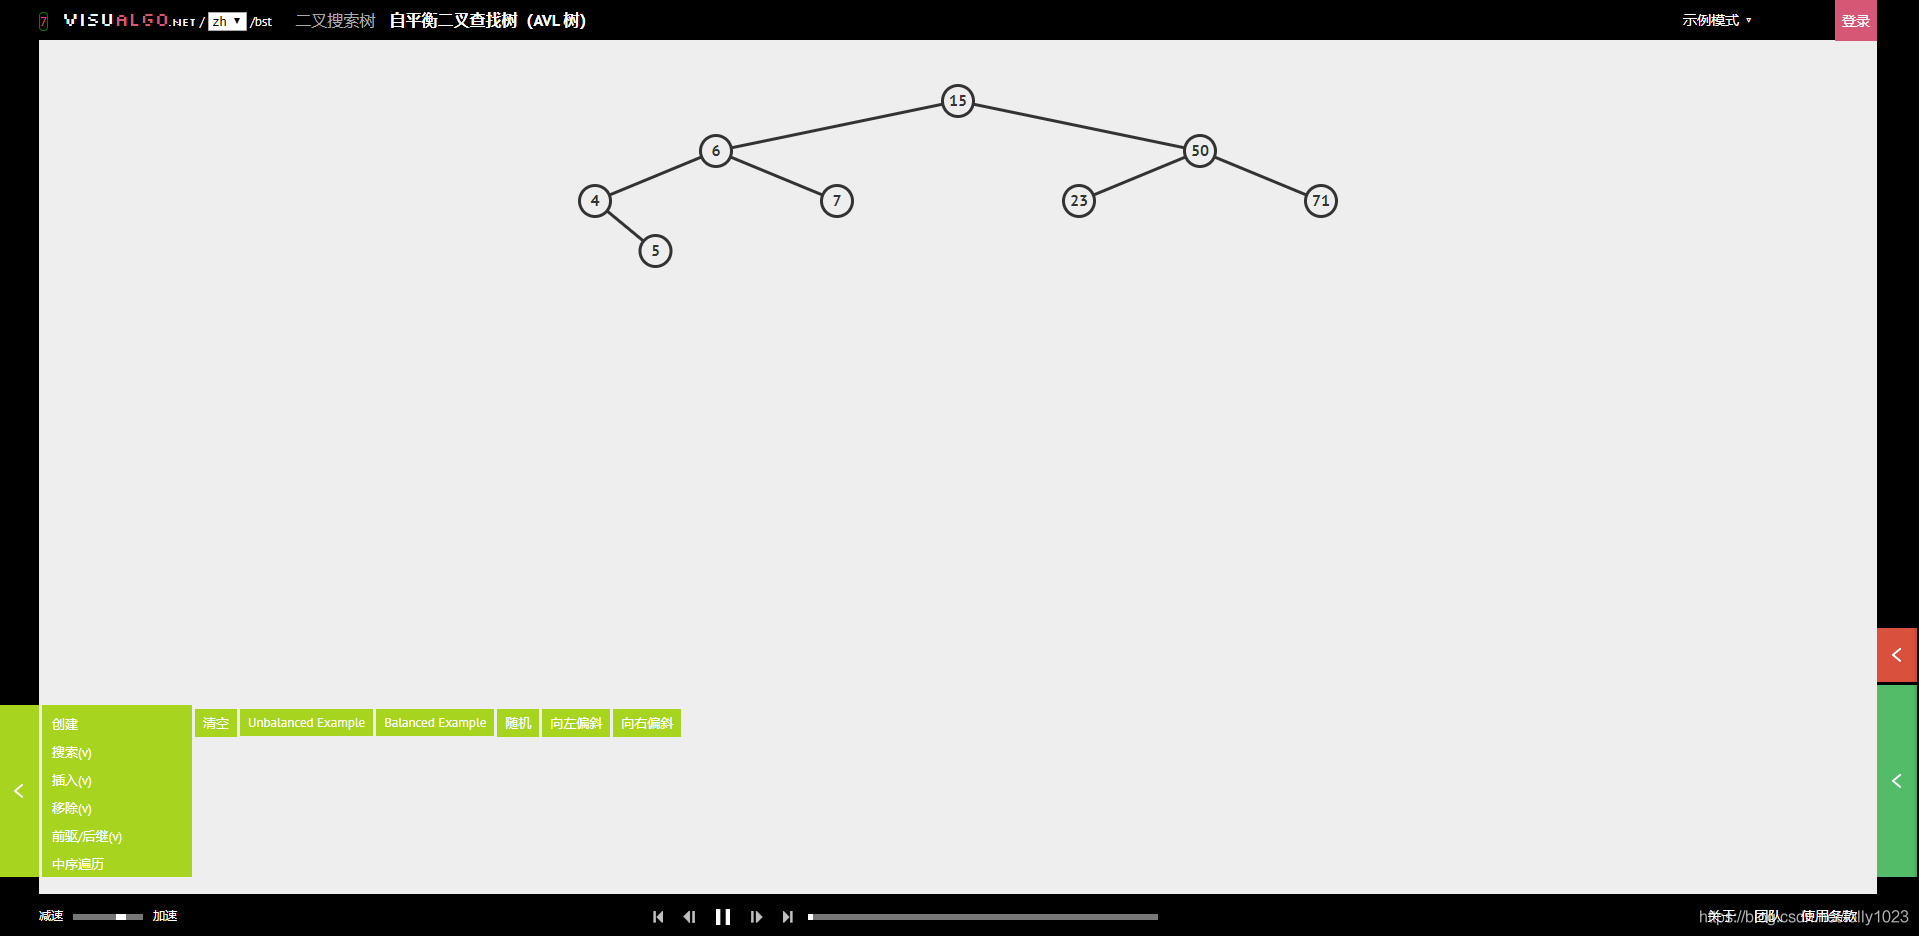 图像化理解自平衡二叉查找树(AVL 树)